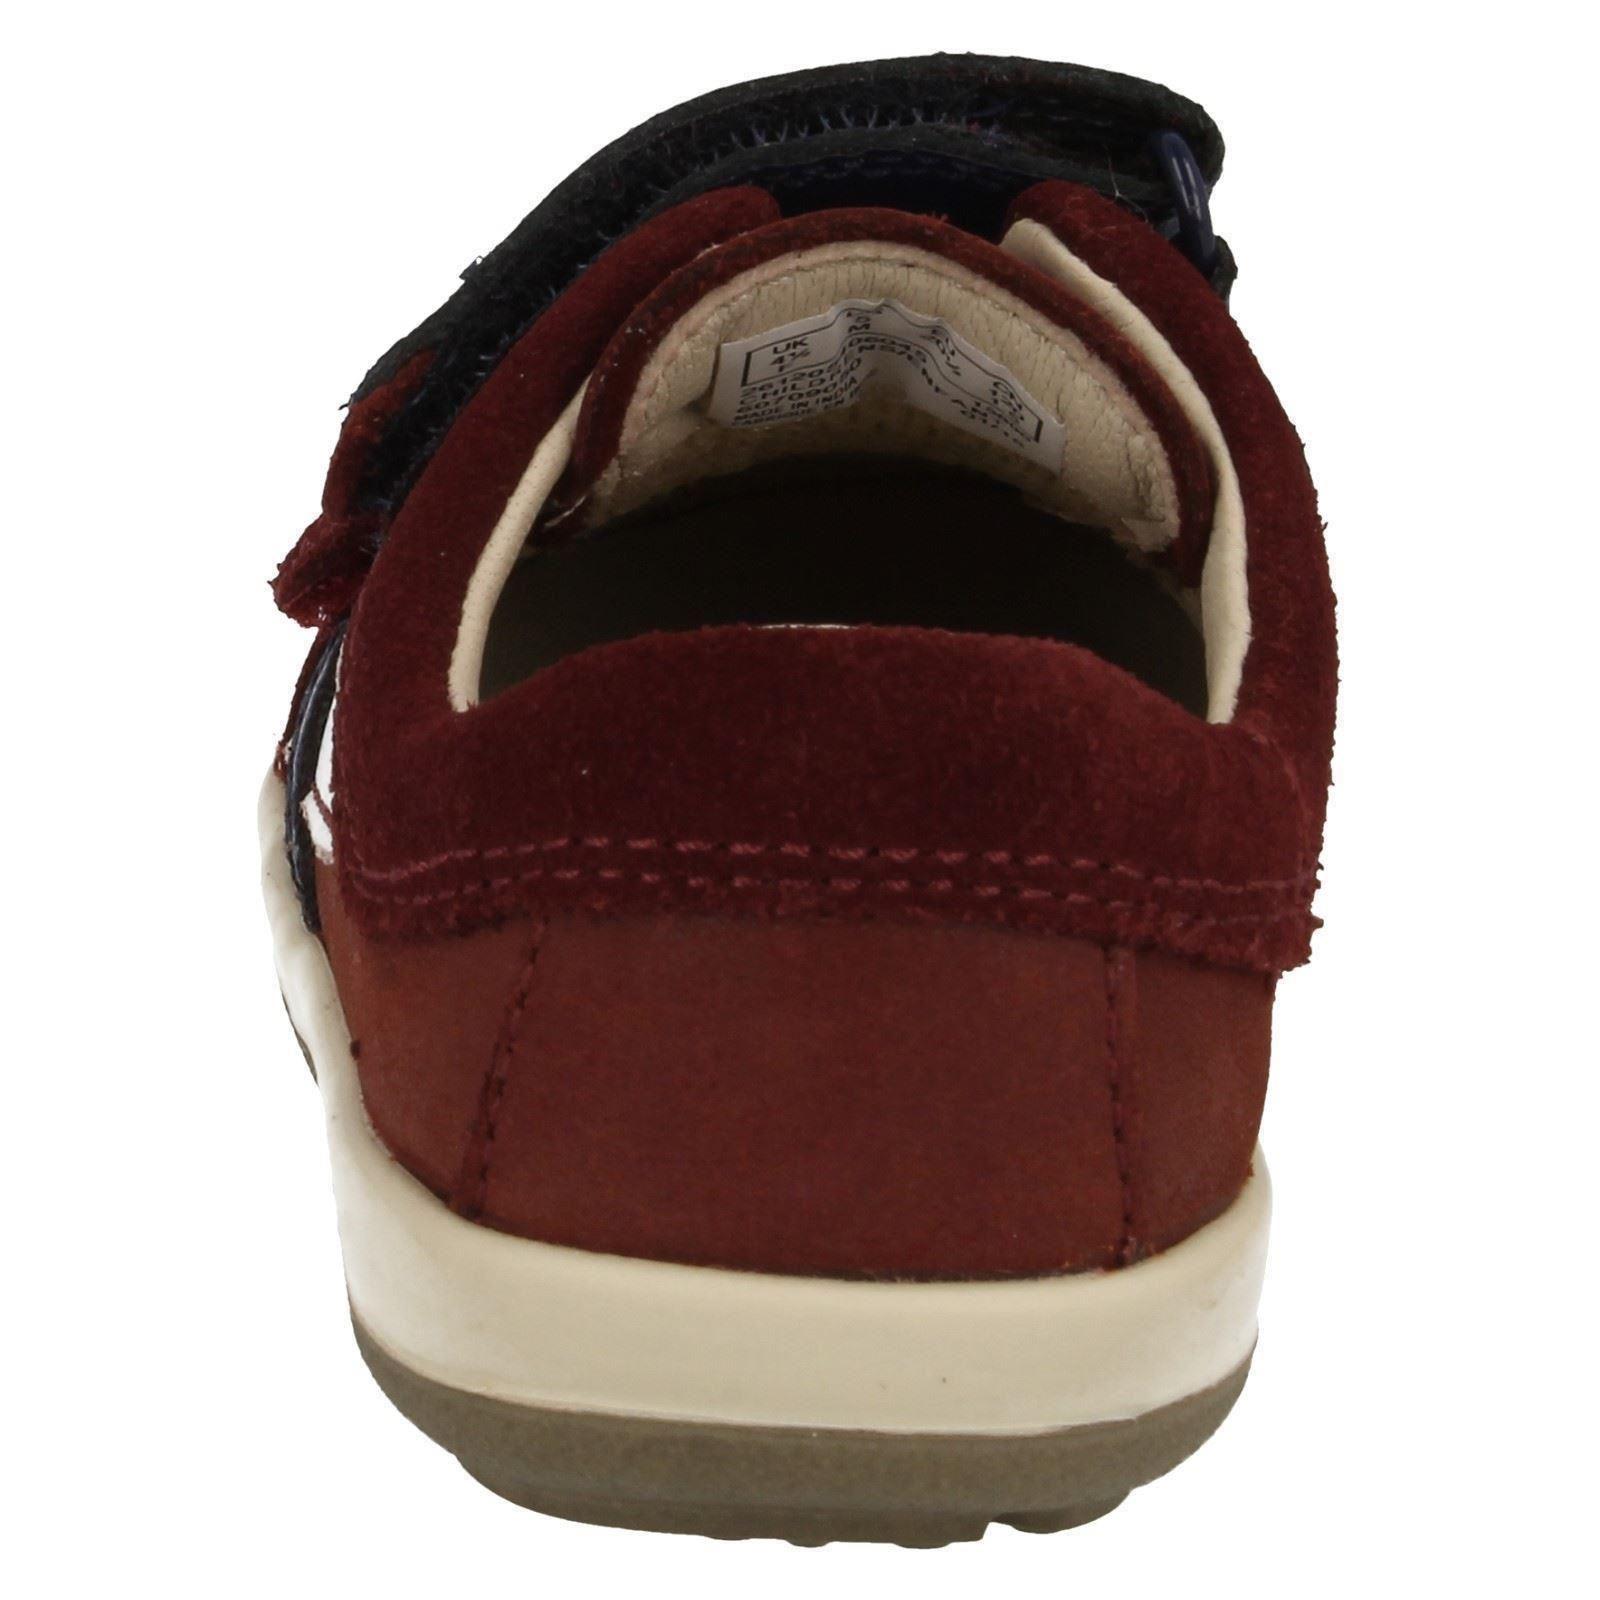 Clarks Zapatos Niños Zakk Cómodos Primeros dqdBT8H